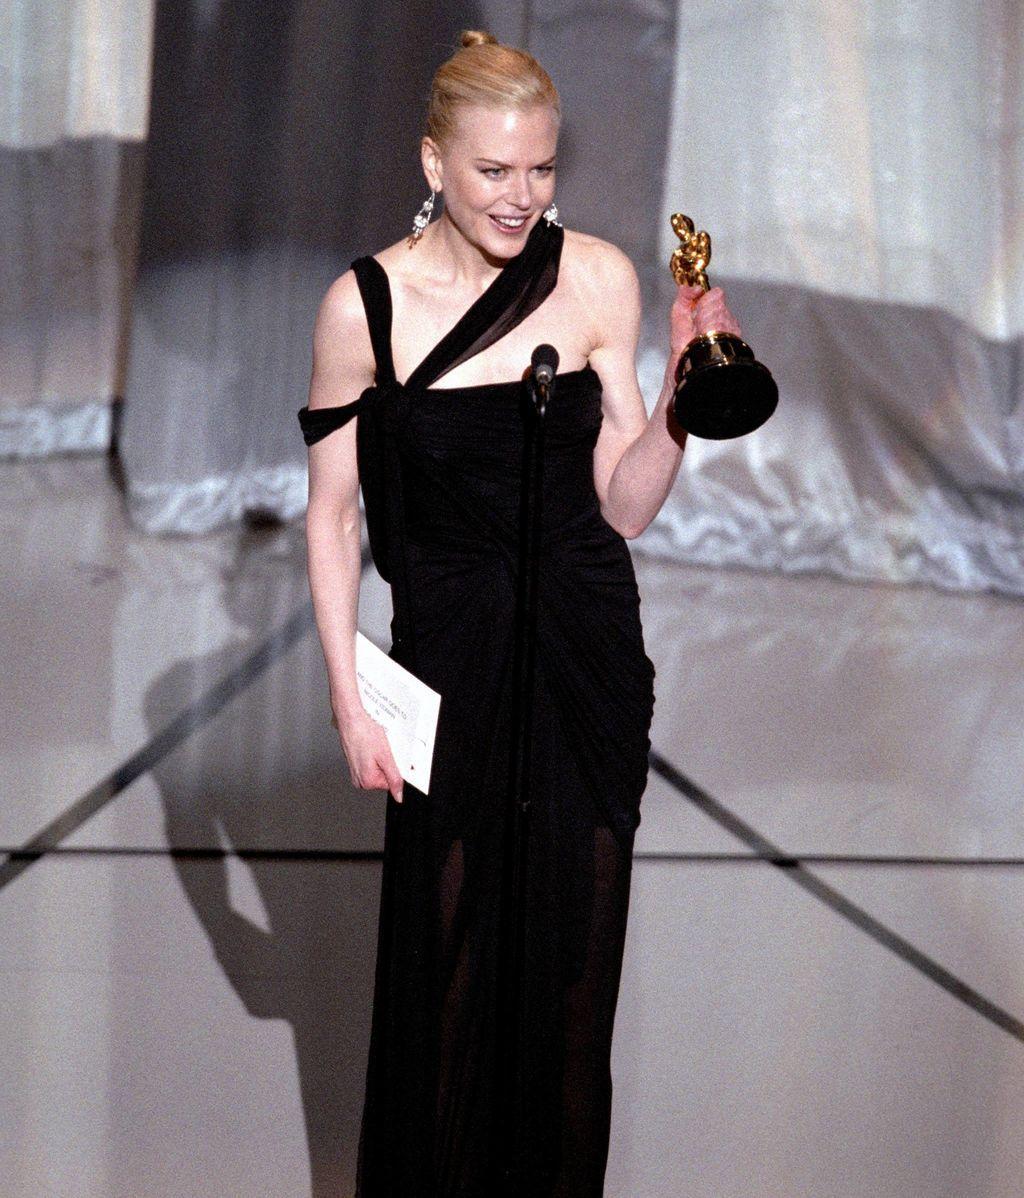 Nicole Kidman recogiendo el Oscar como mejor actriz en 2003 por 'Las horas'